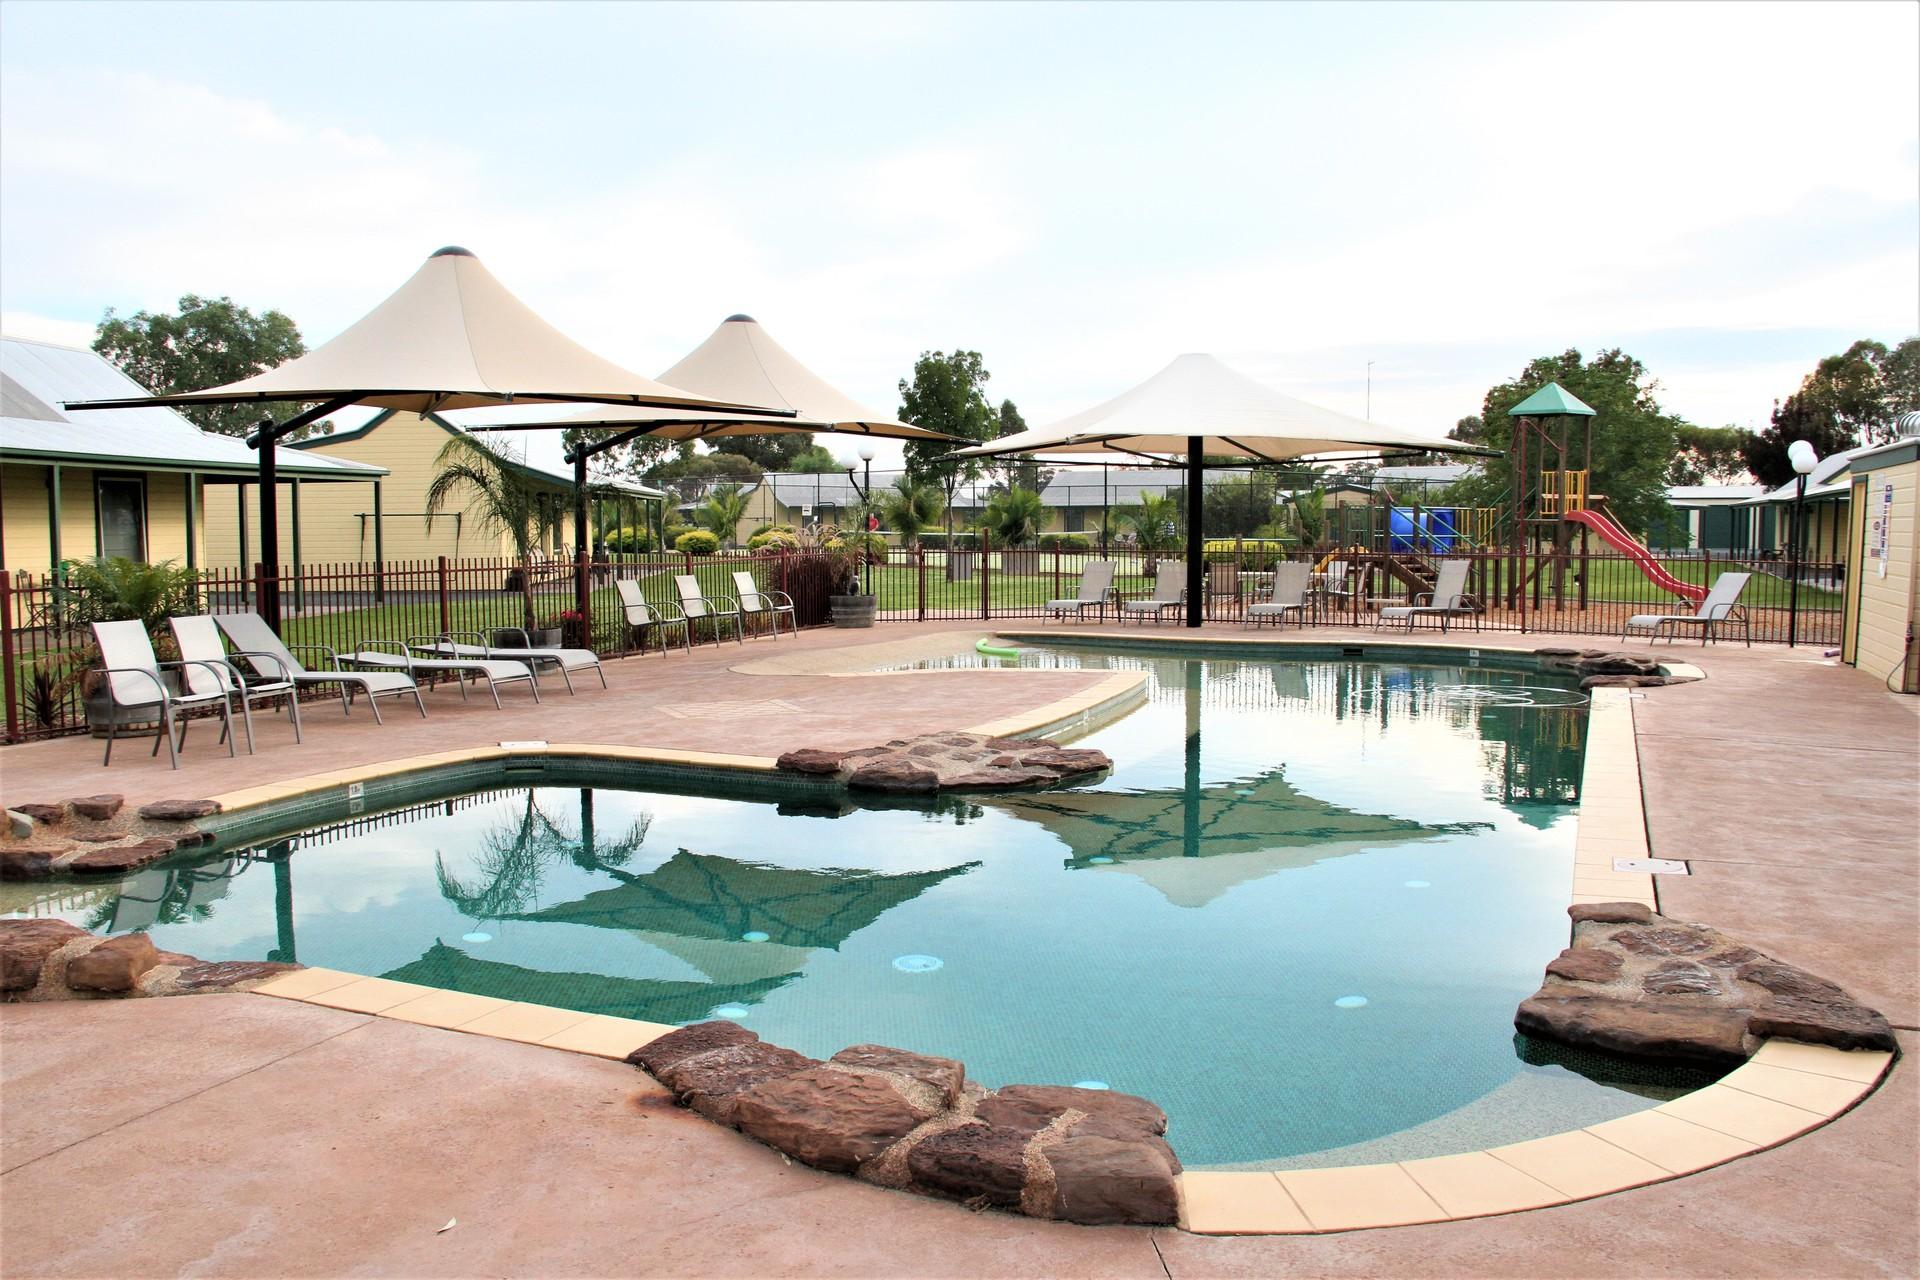 c - Murray River Resort